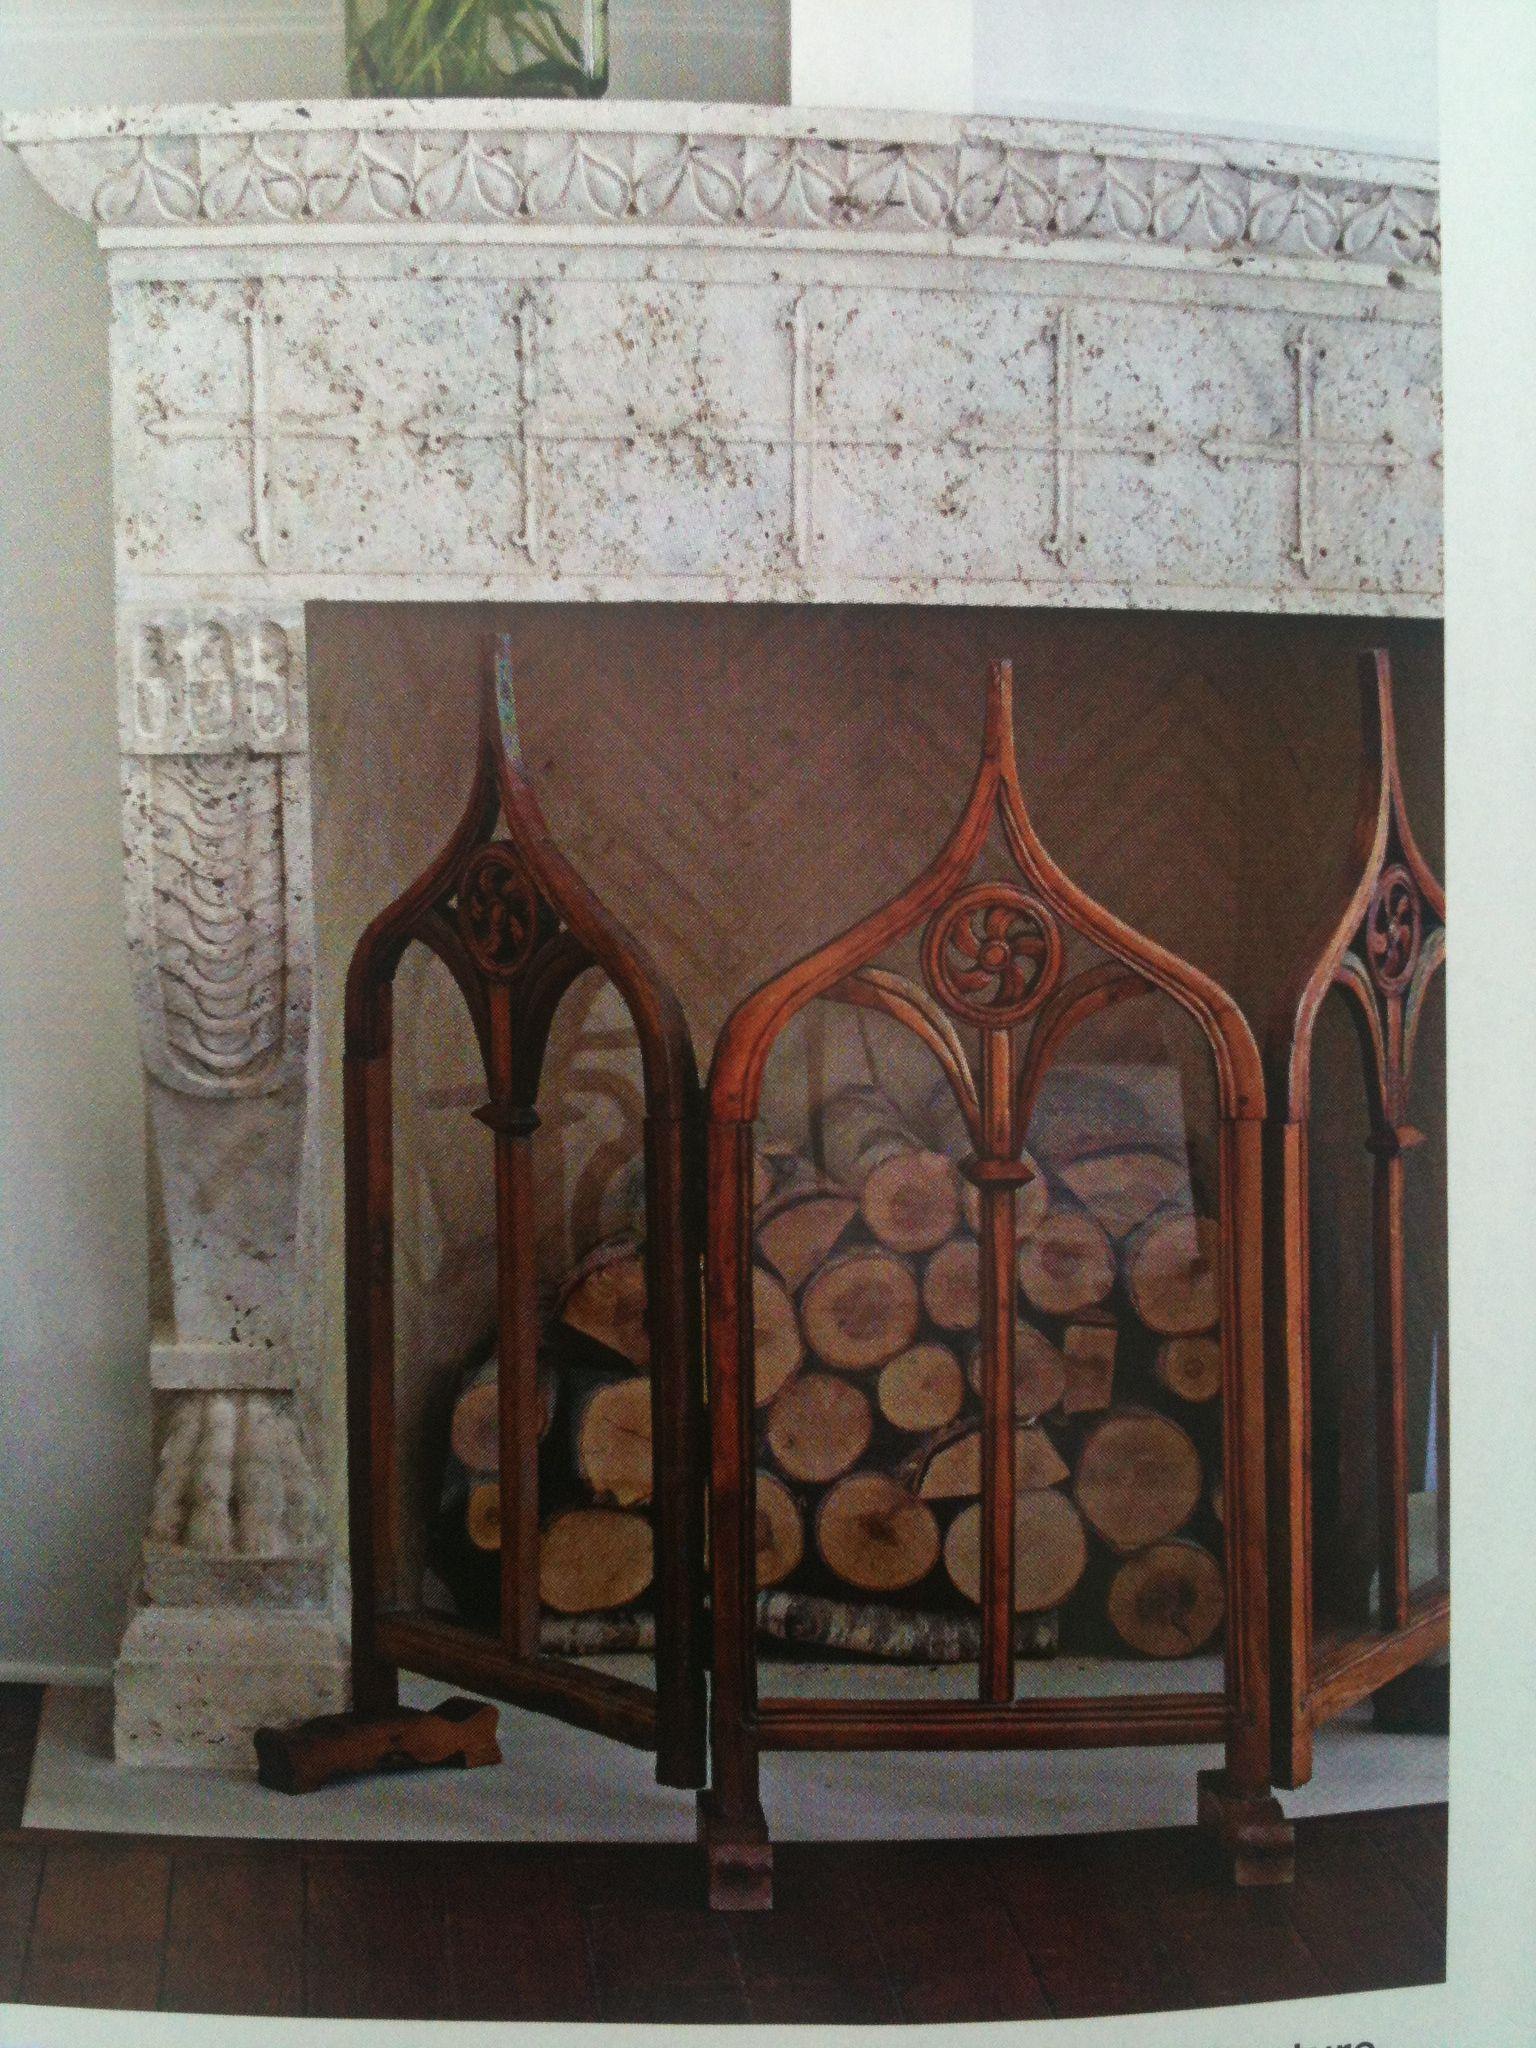 Gothic Fireplace Screen Decor Living Room Mantel Home Decor